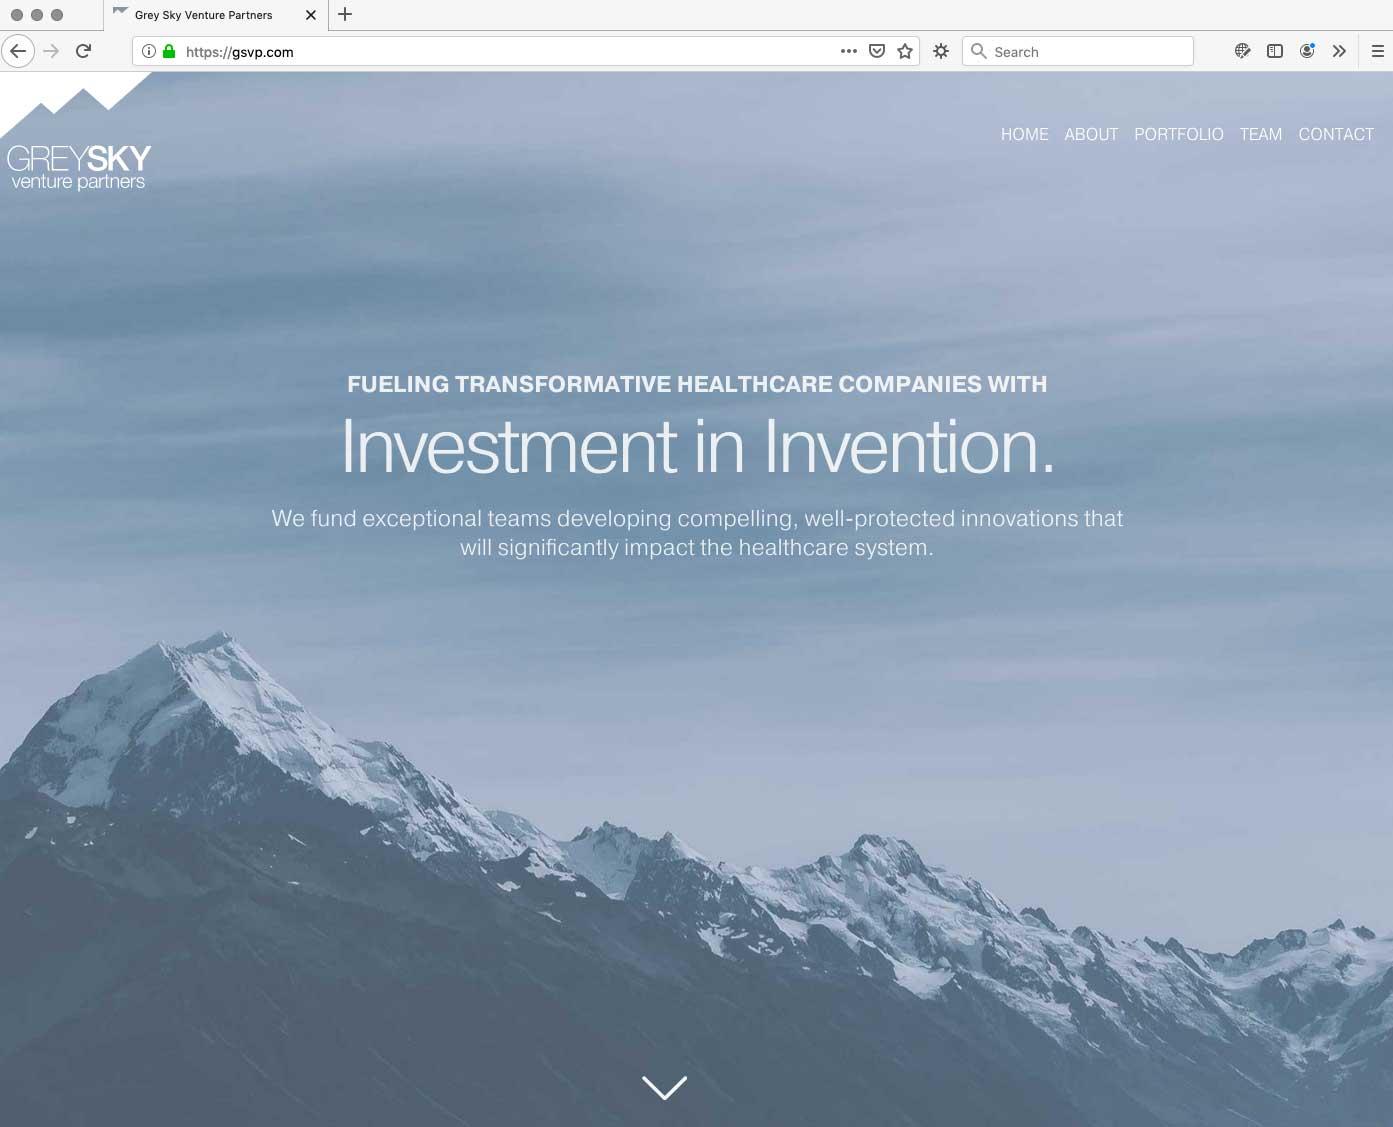 Grey Sky Venture Partners